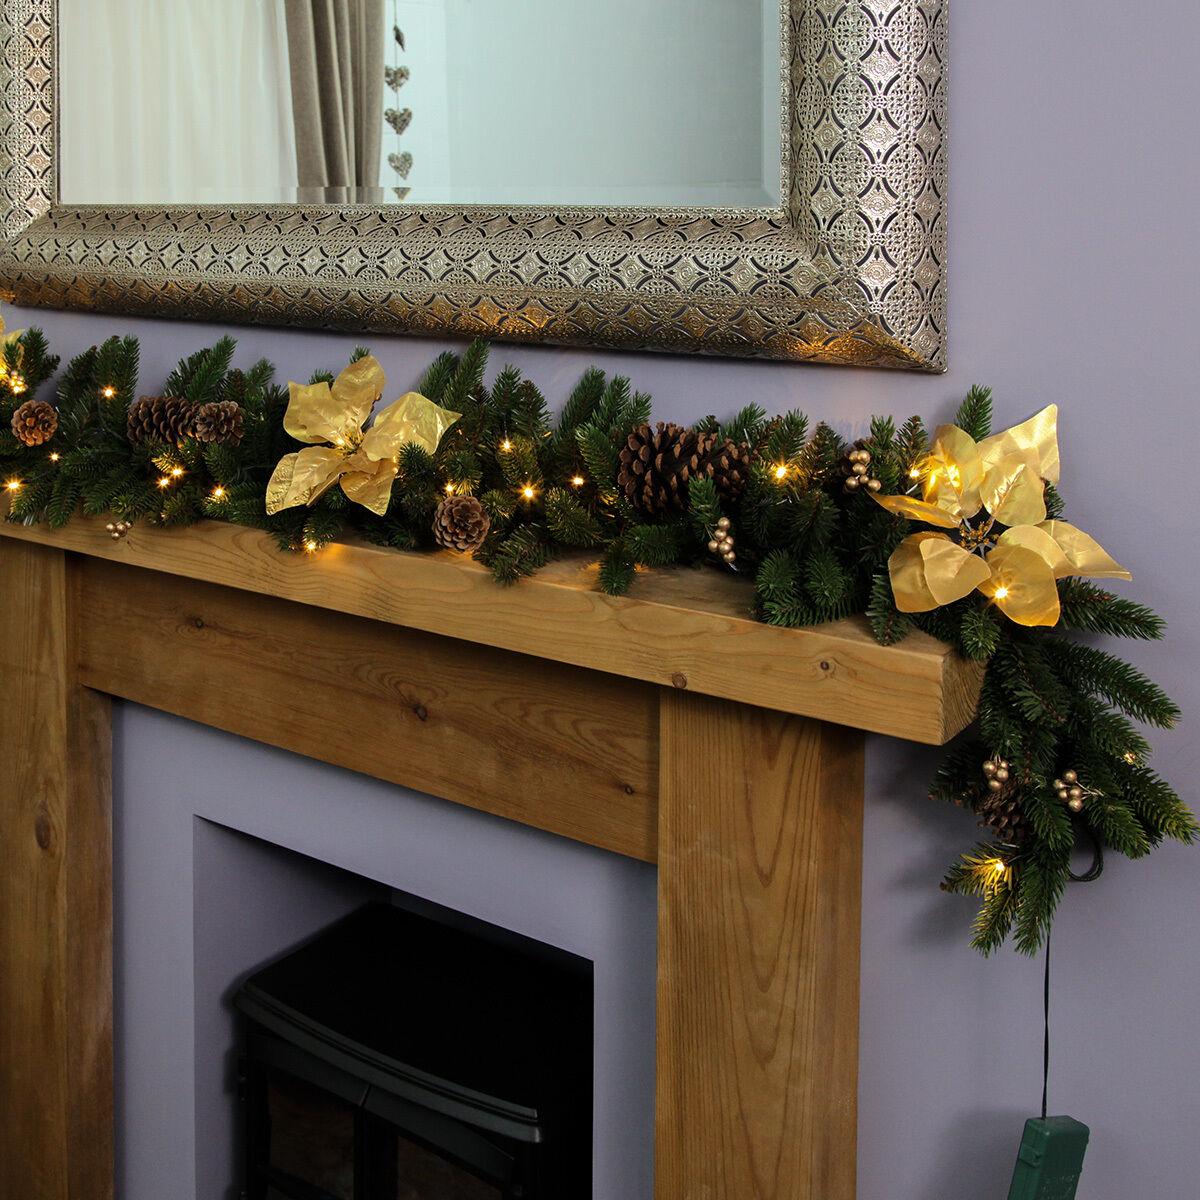 Stella Di Natale A Batteria.1 8m 1 8m 1 8m Batteria Pre Illuminato Led Natale Oro Stella Di